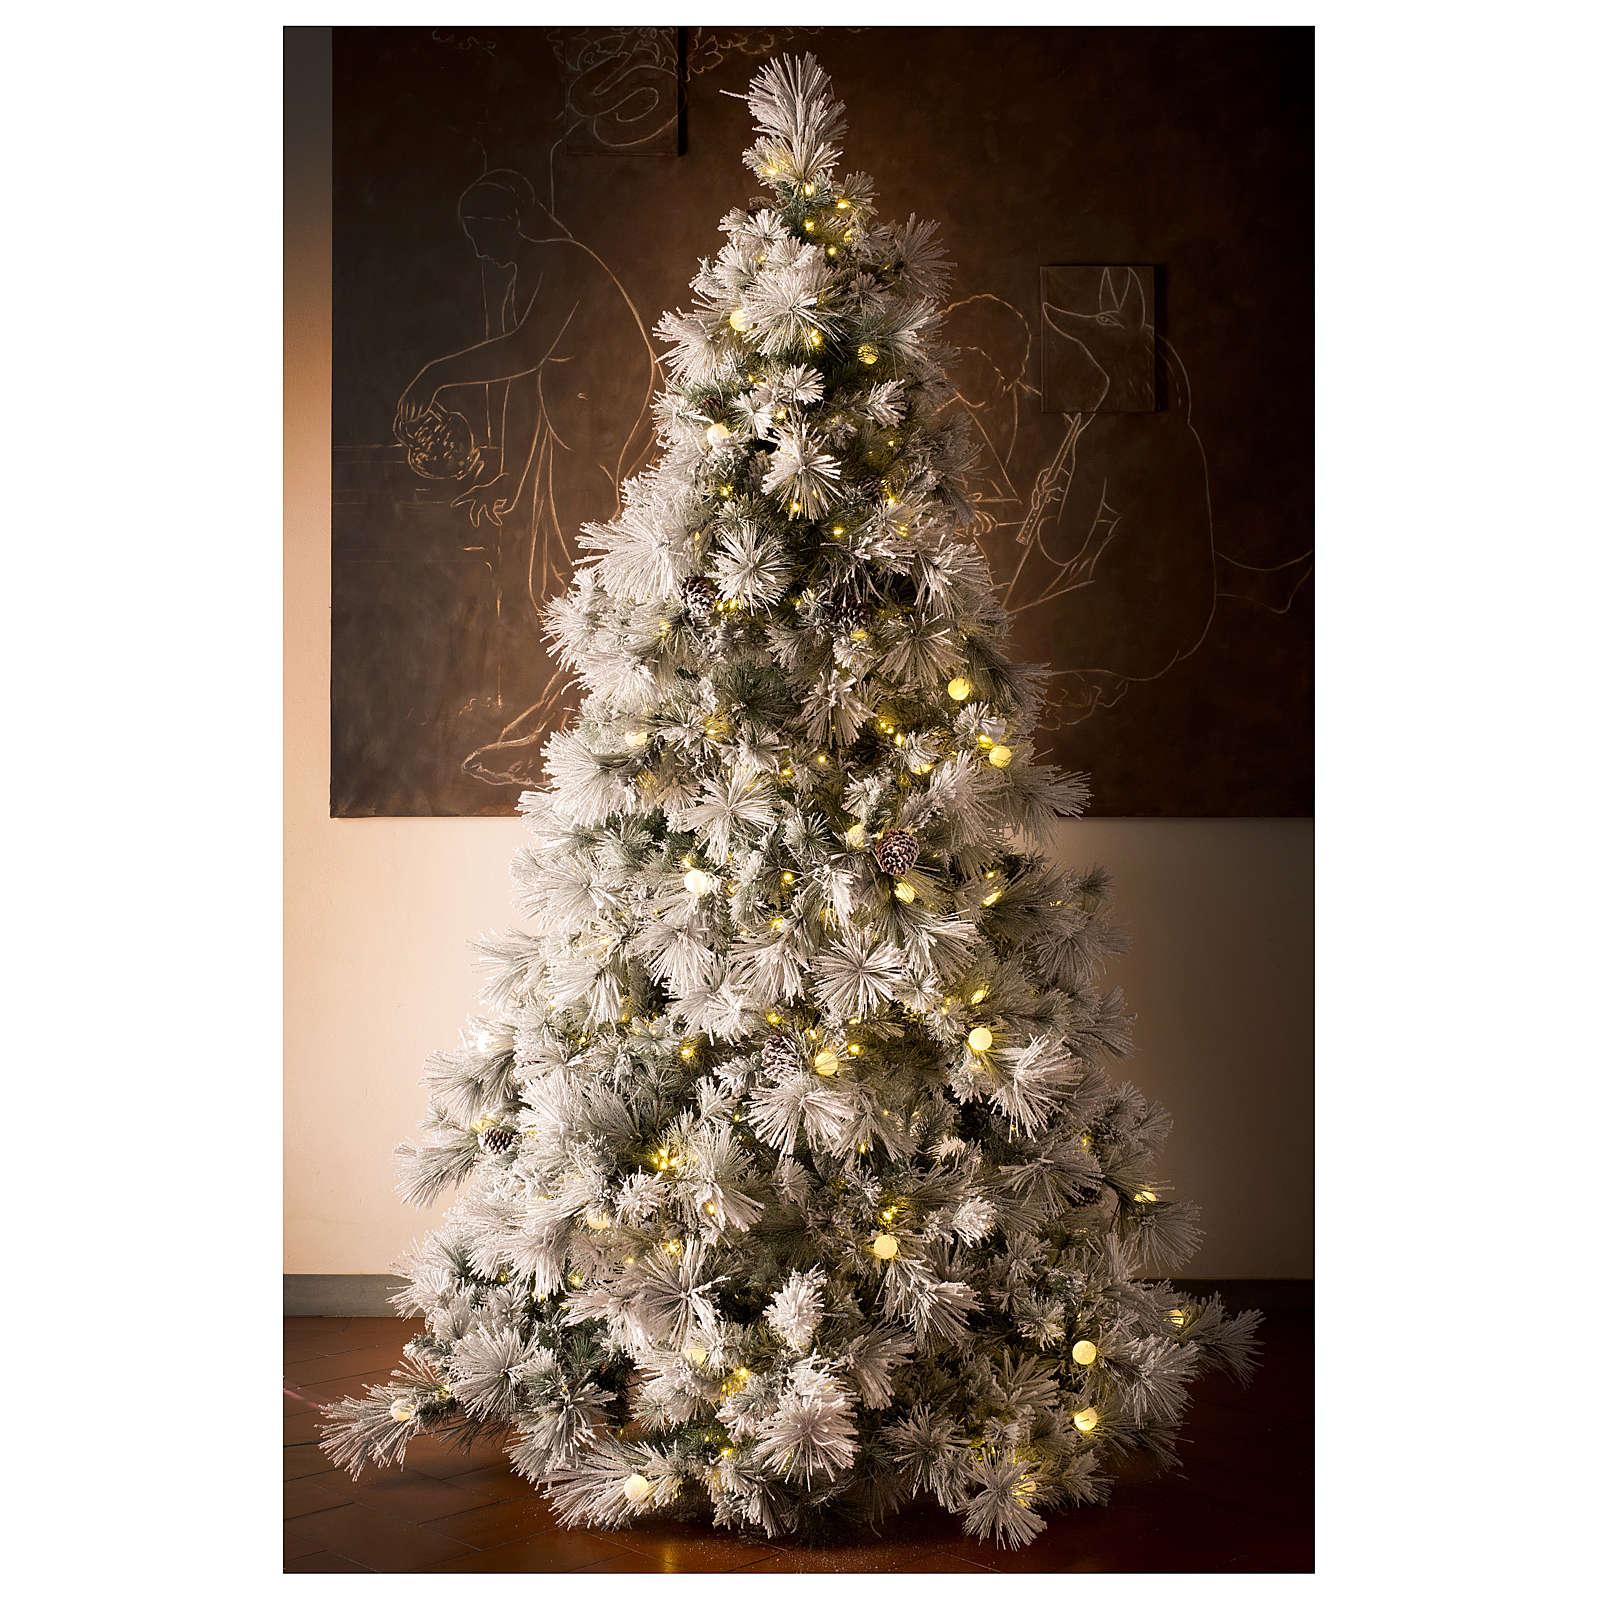 Luci Albero Natale.Albero Natale 200 Cm Pino Innevato Con Pigne Naturali 350 Luci Led Interno Feel Real